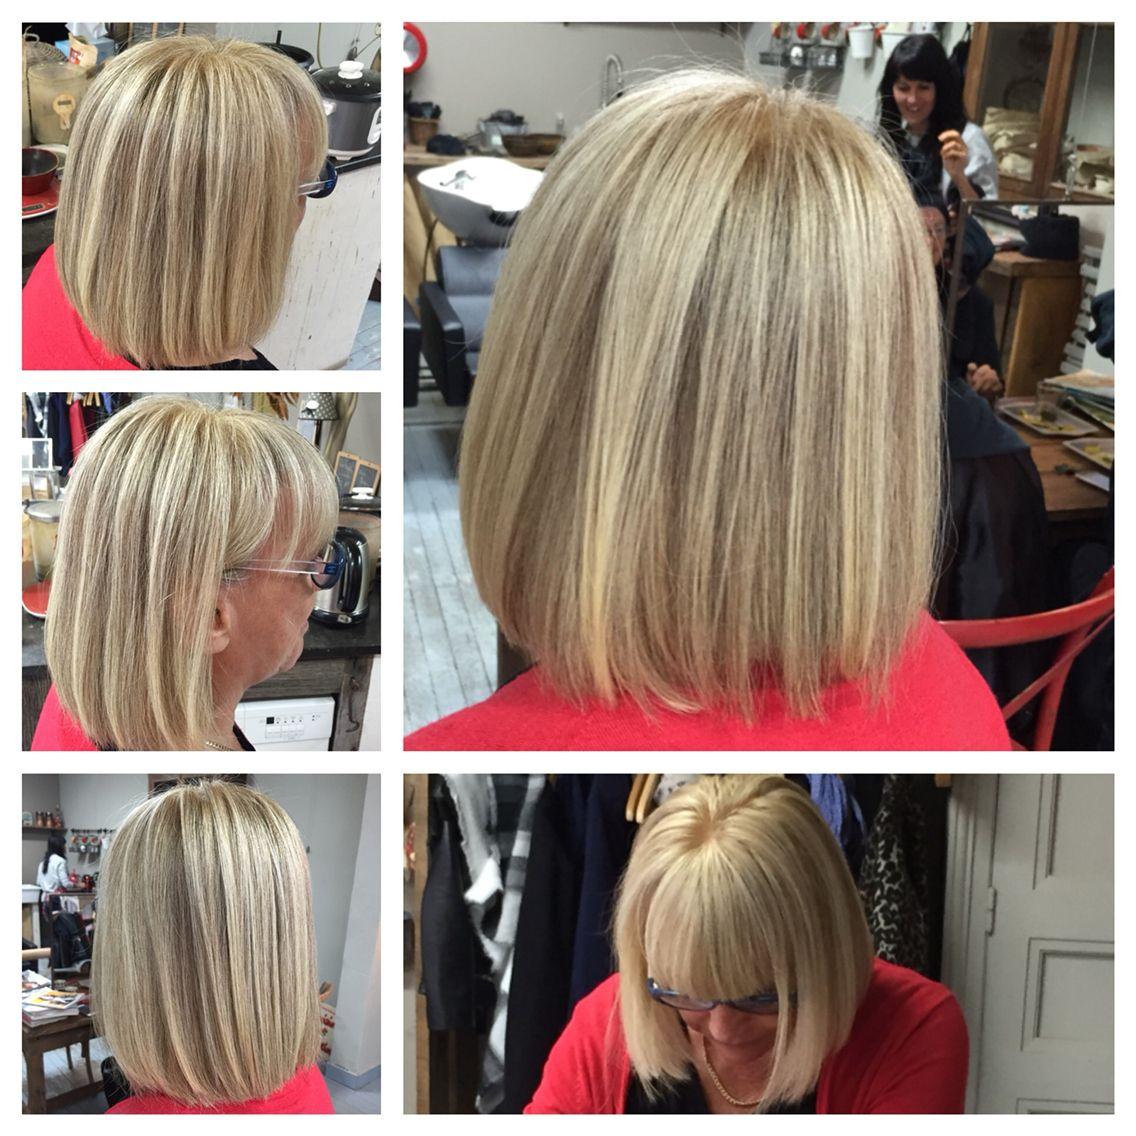 coloration vgtale marcapar plus besoin de faire des mches juste un bain de plantes pour raliser un joli blond cheveux pinterest - Marcapar Coloration